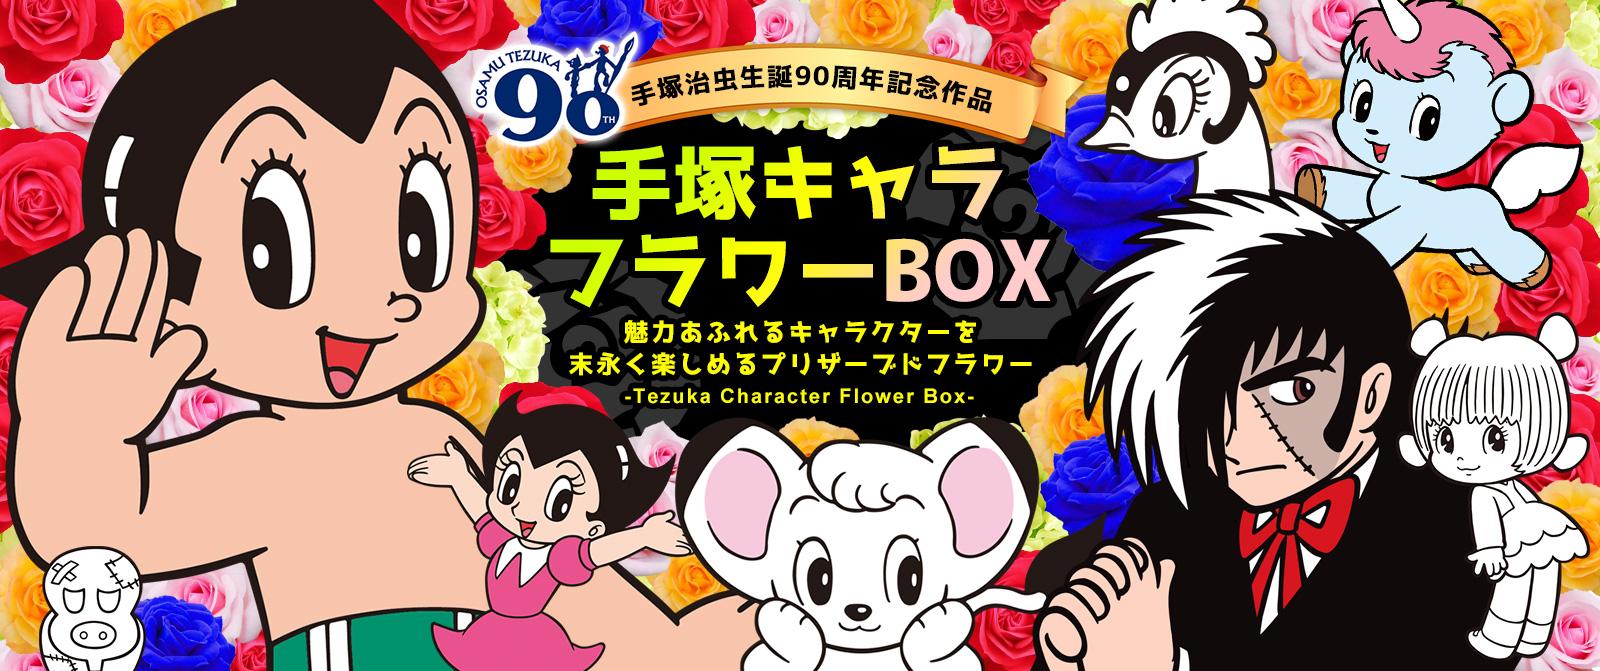 「手塚治虫」生誕90周年記念! 「手塚」作品のキャラがフラワーBOXに!?